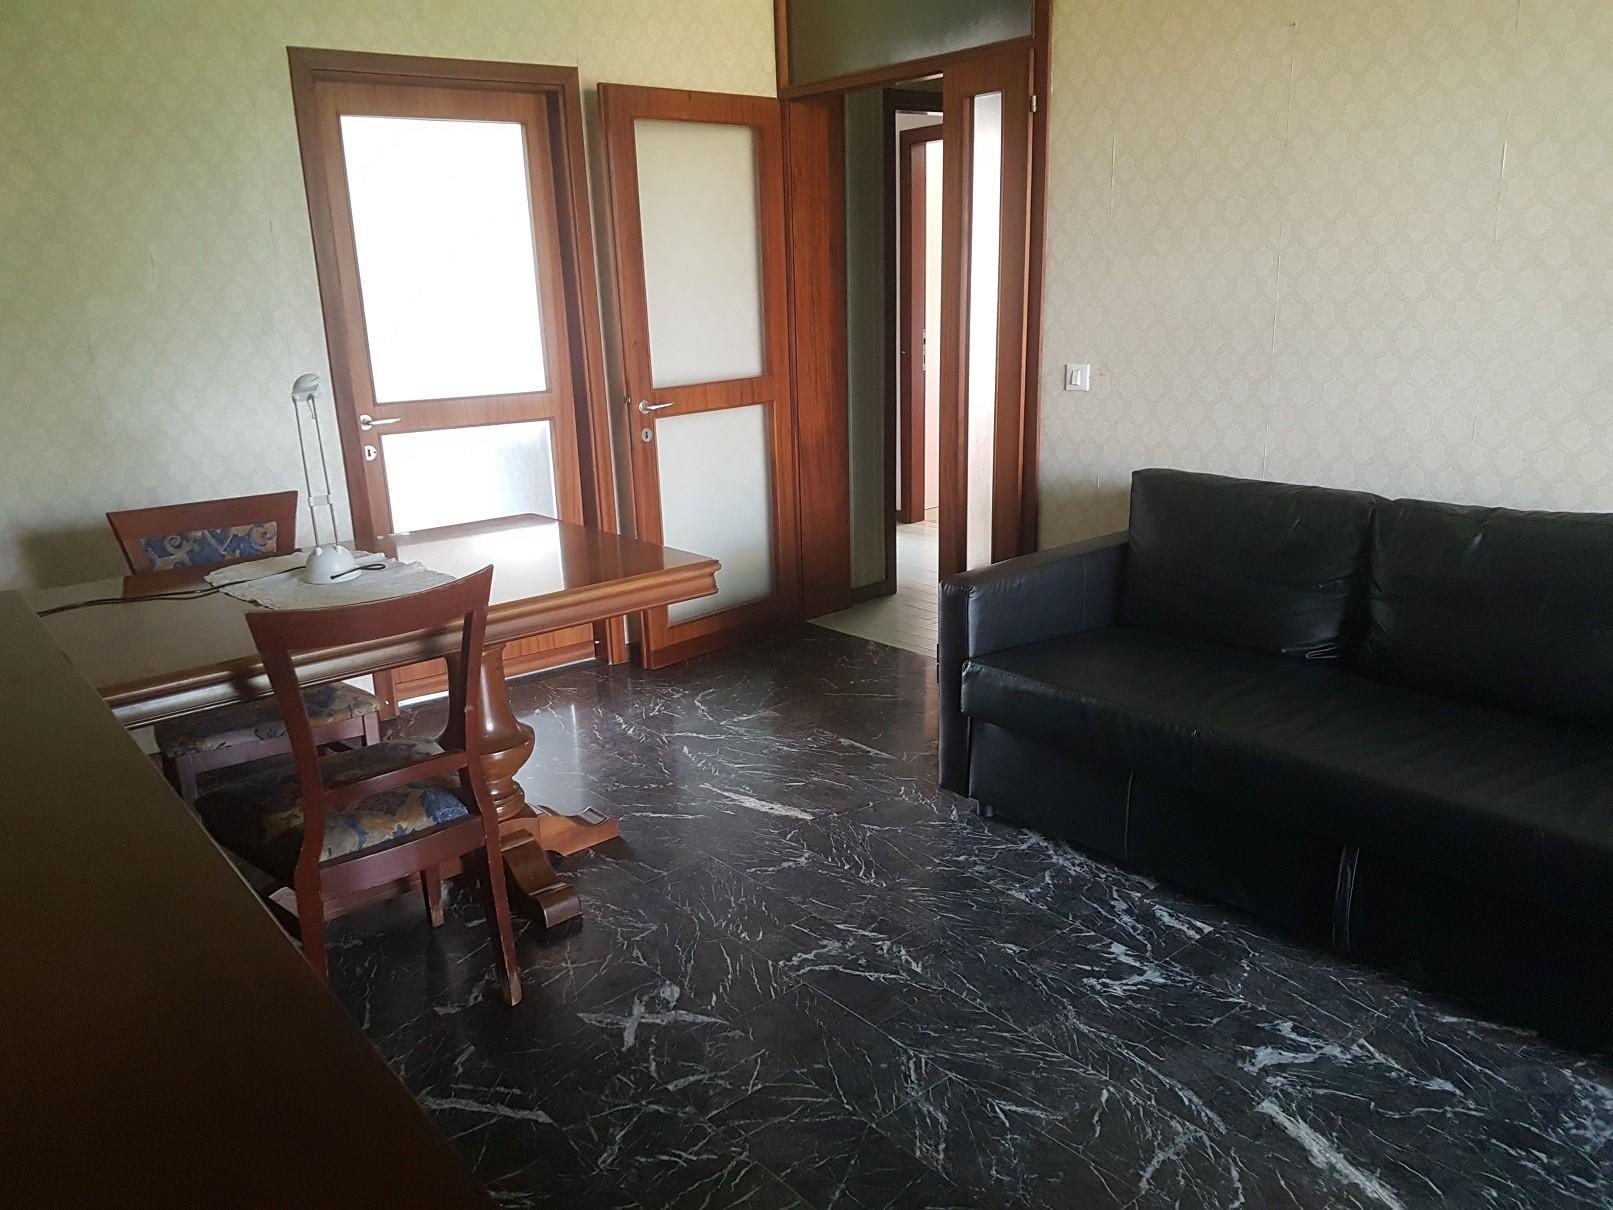 Via Franzela, 17, 35135 Padova PD, Italia